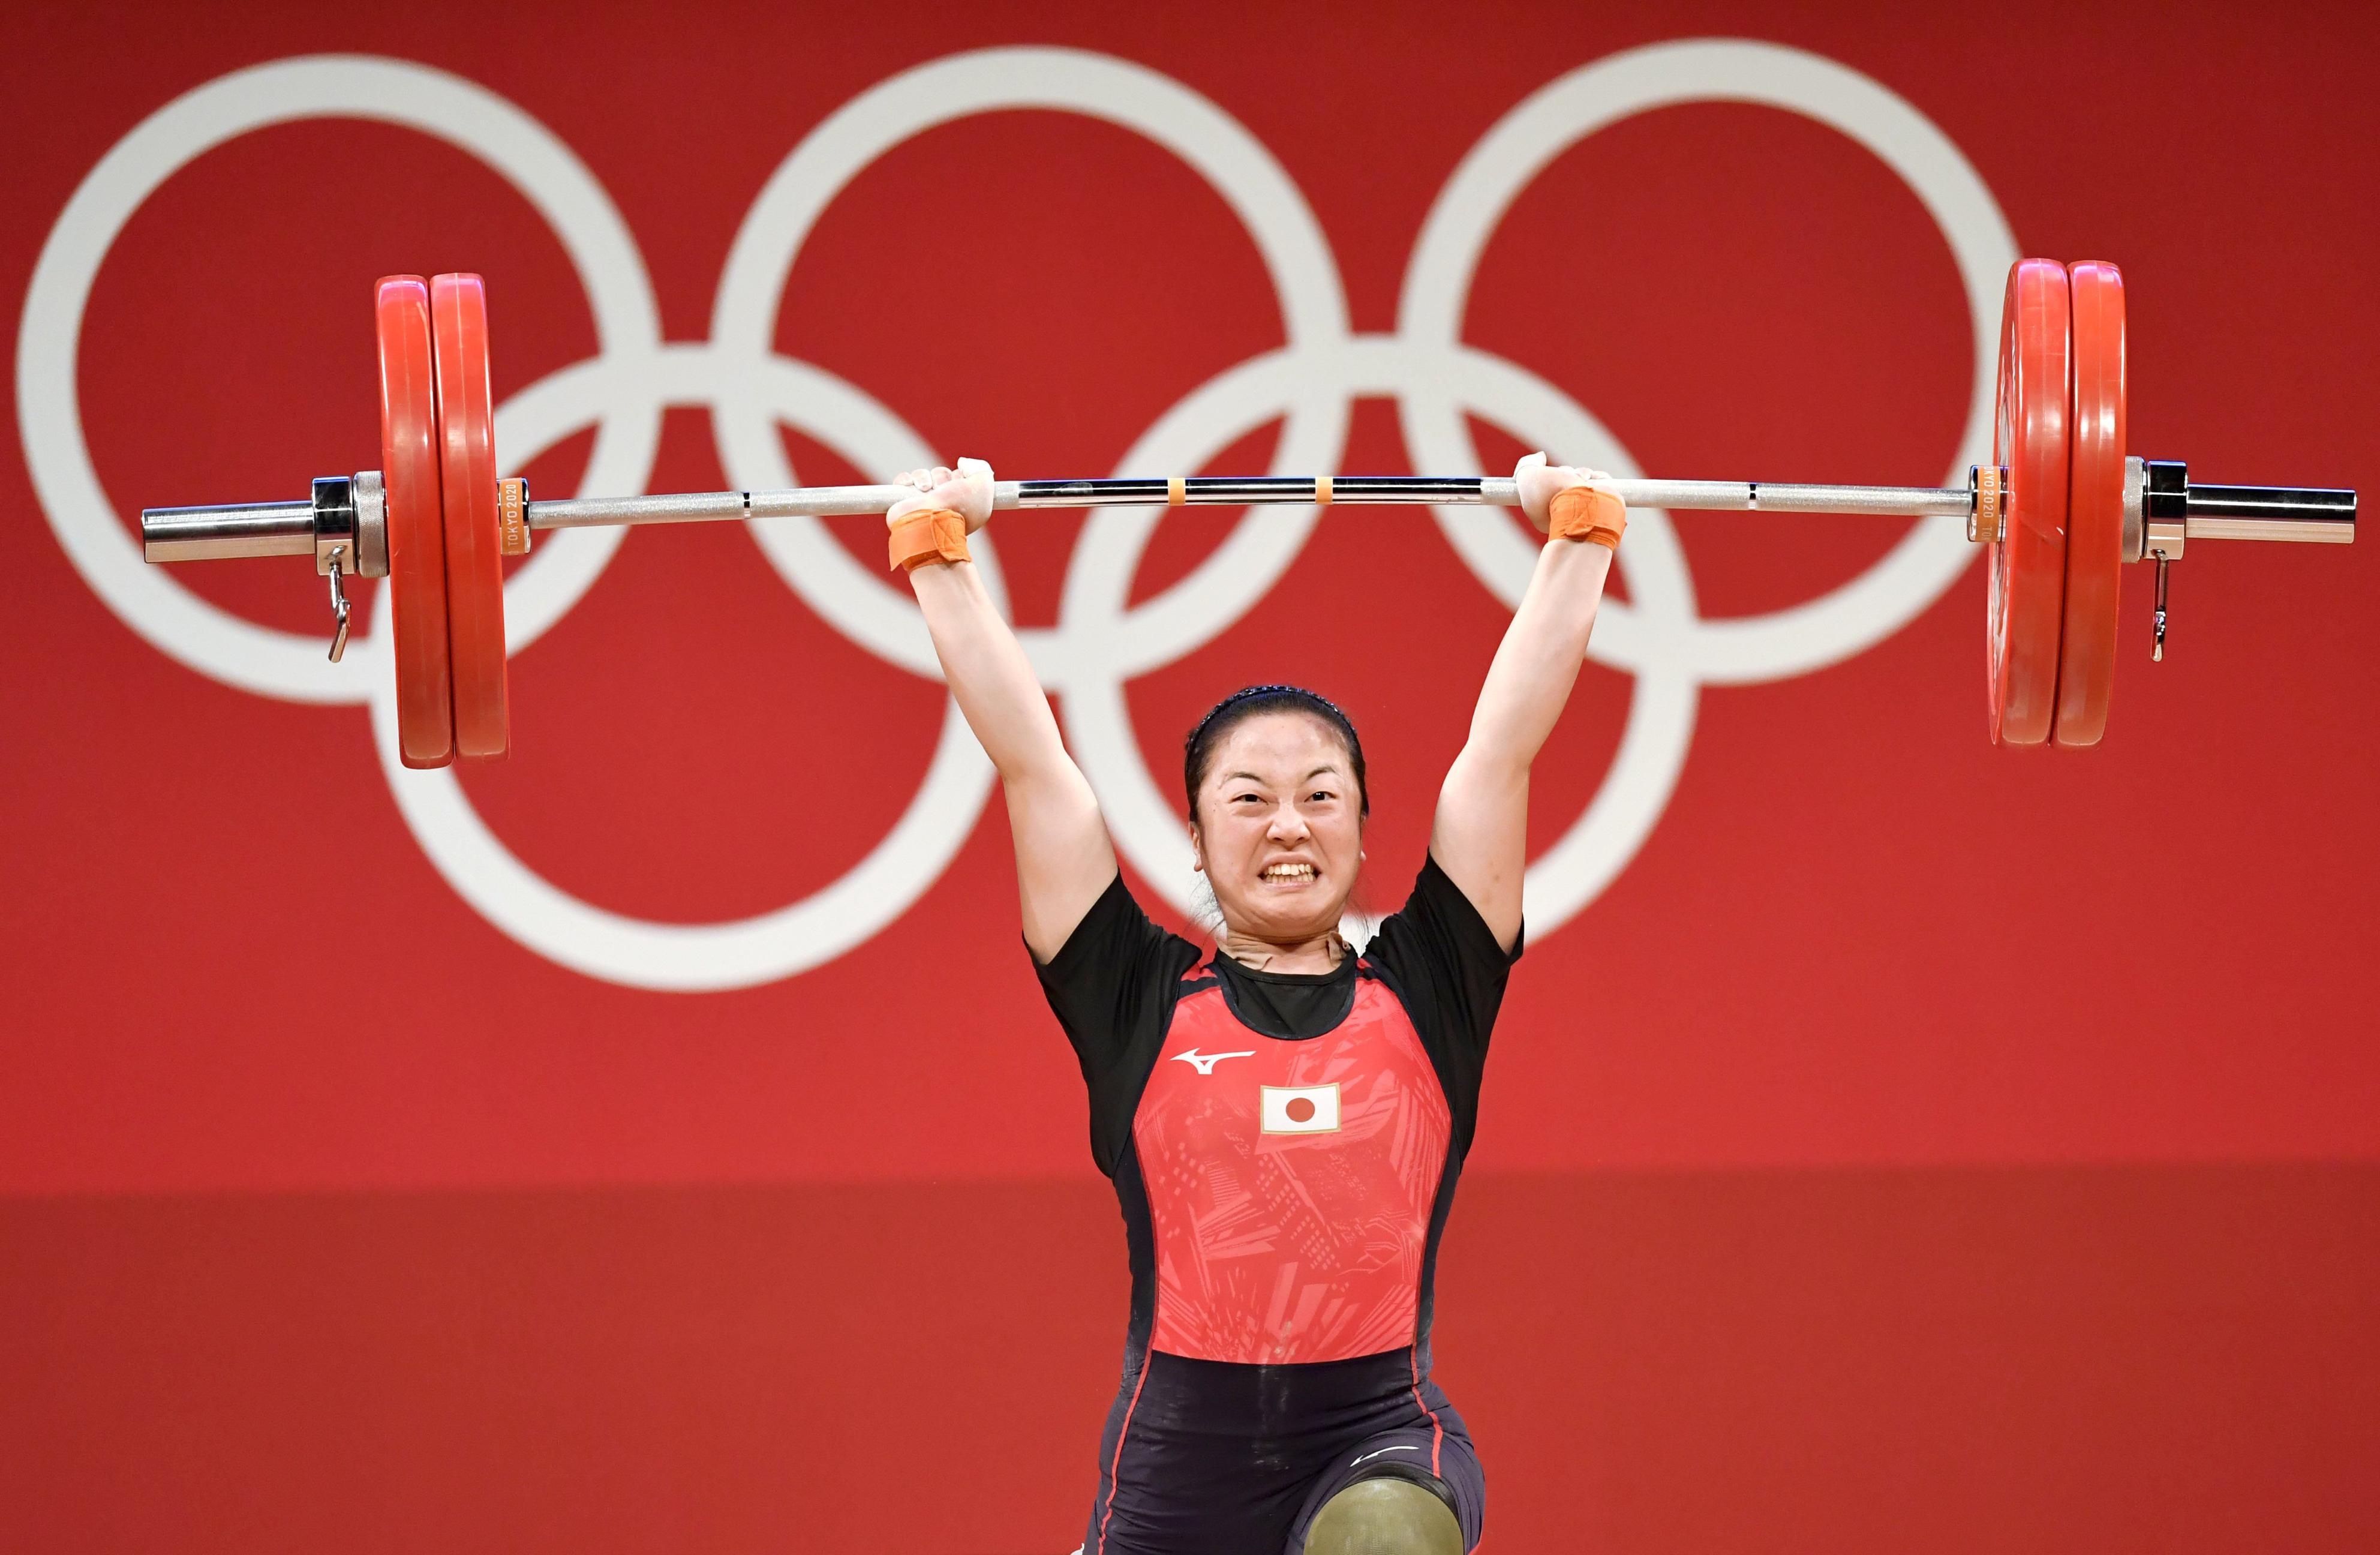 女子59キロ級 ジャークで120キロに成功した安藤美希子。銅メダルを獲得した=東京国際フォーラム